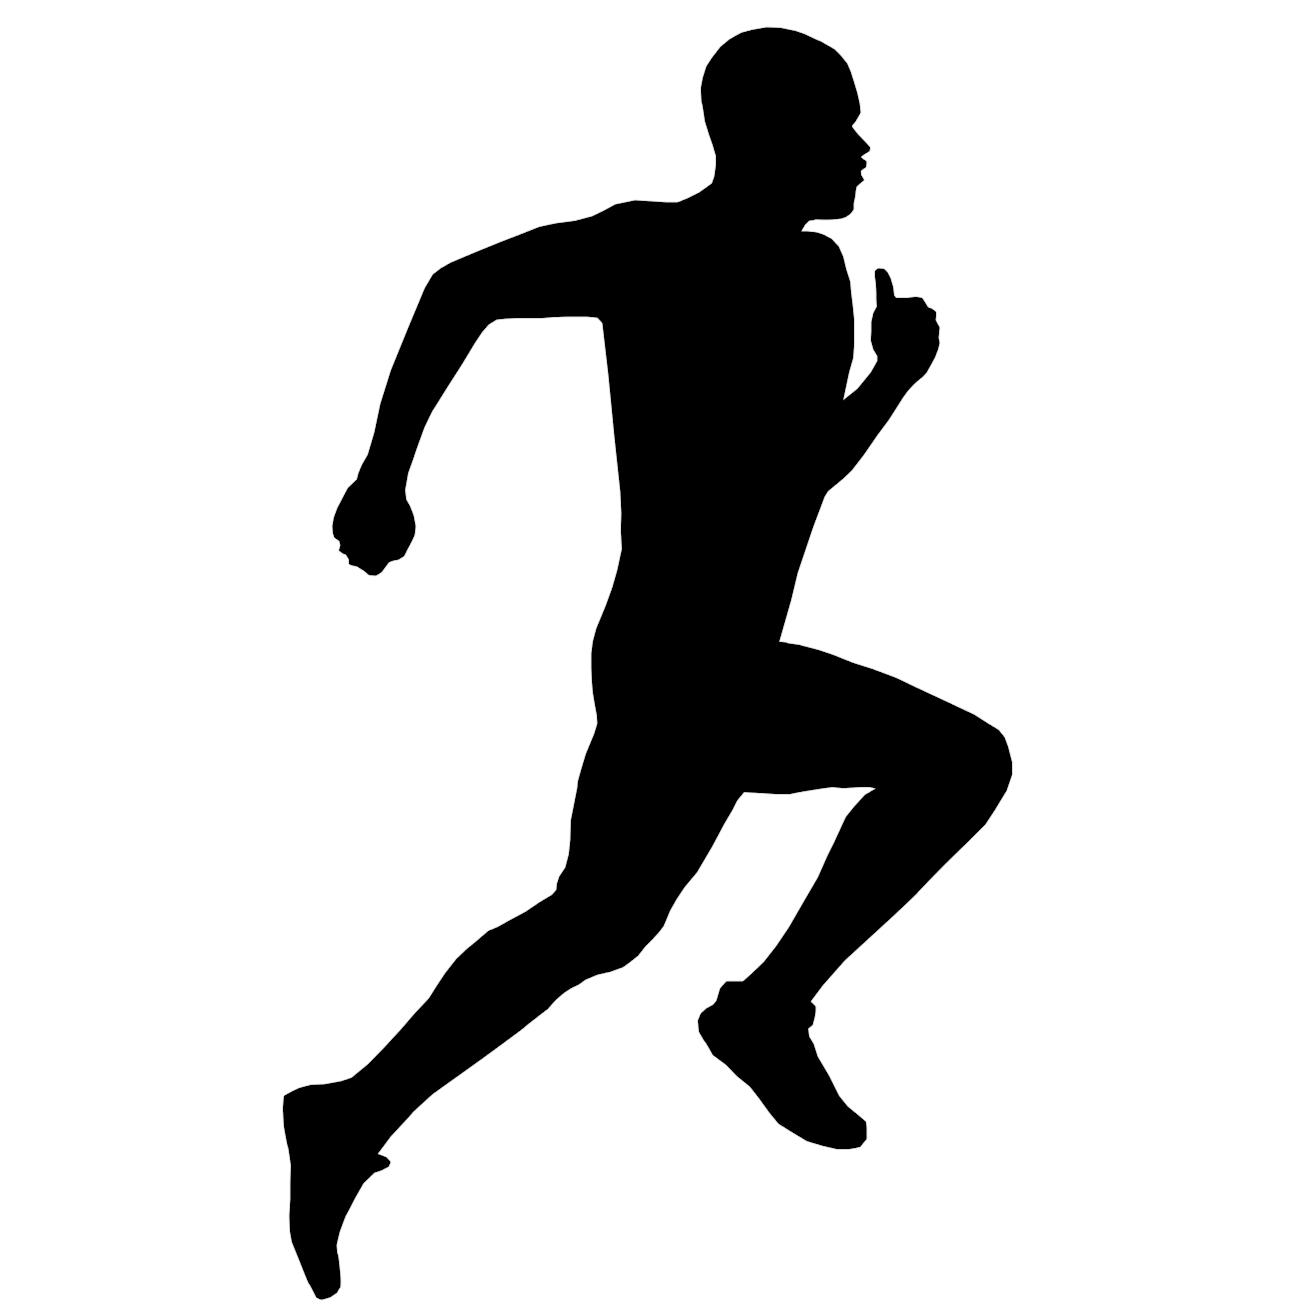 Silhouette Running Man - ClipArt Best